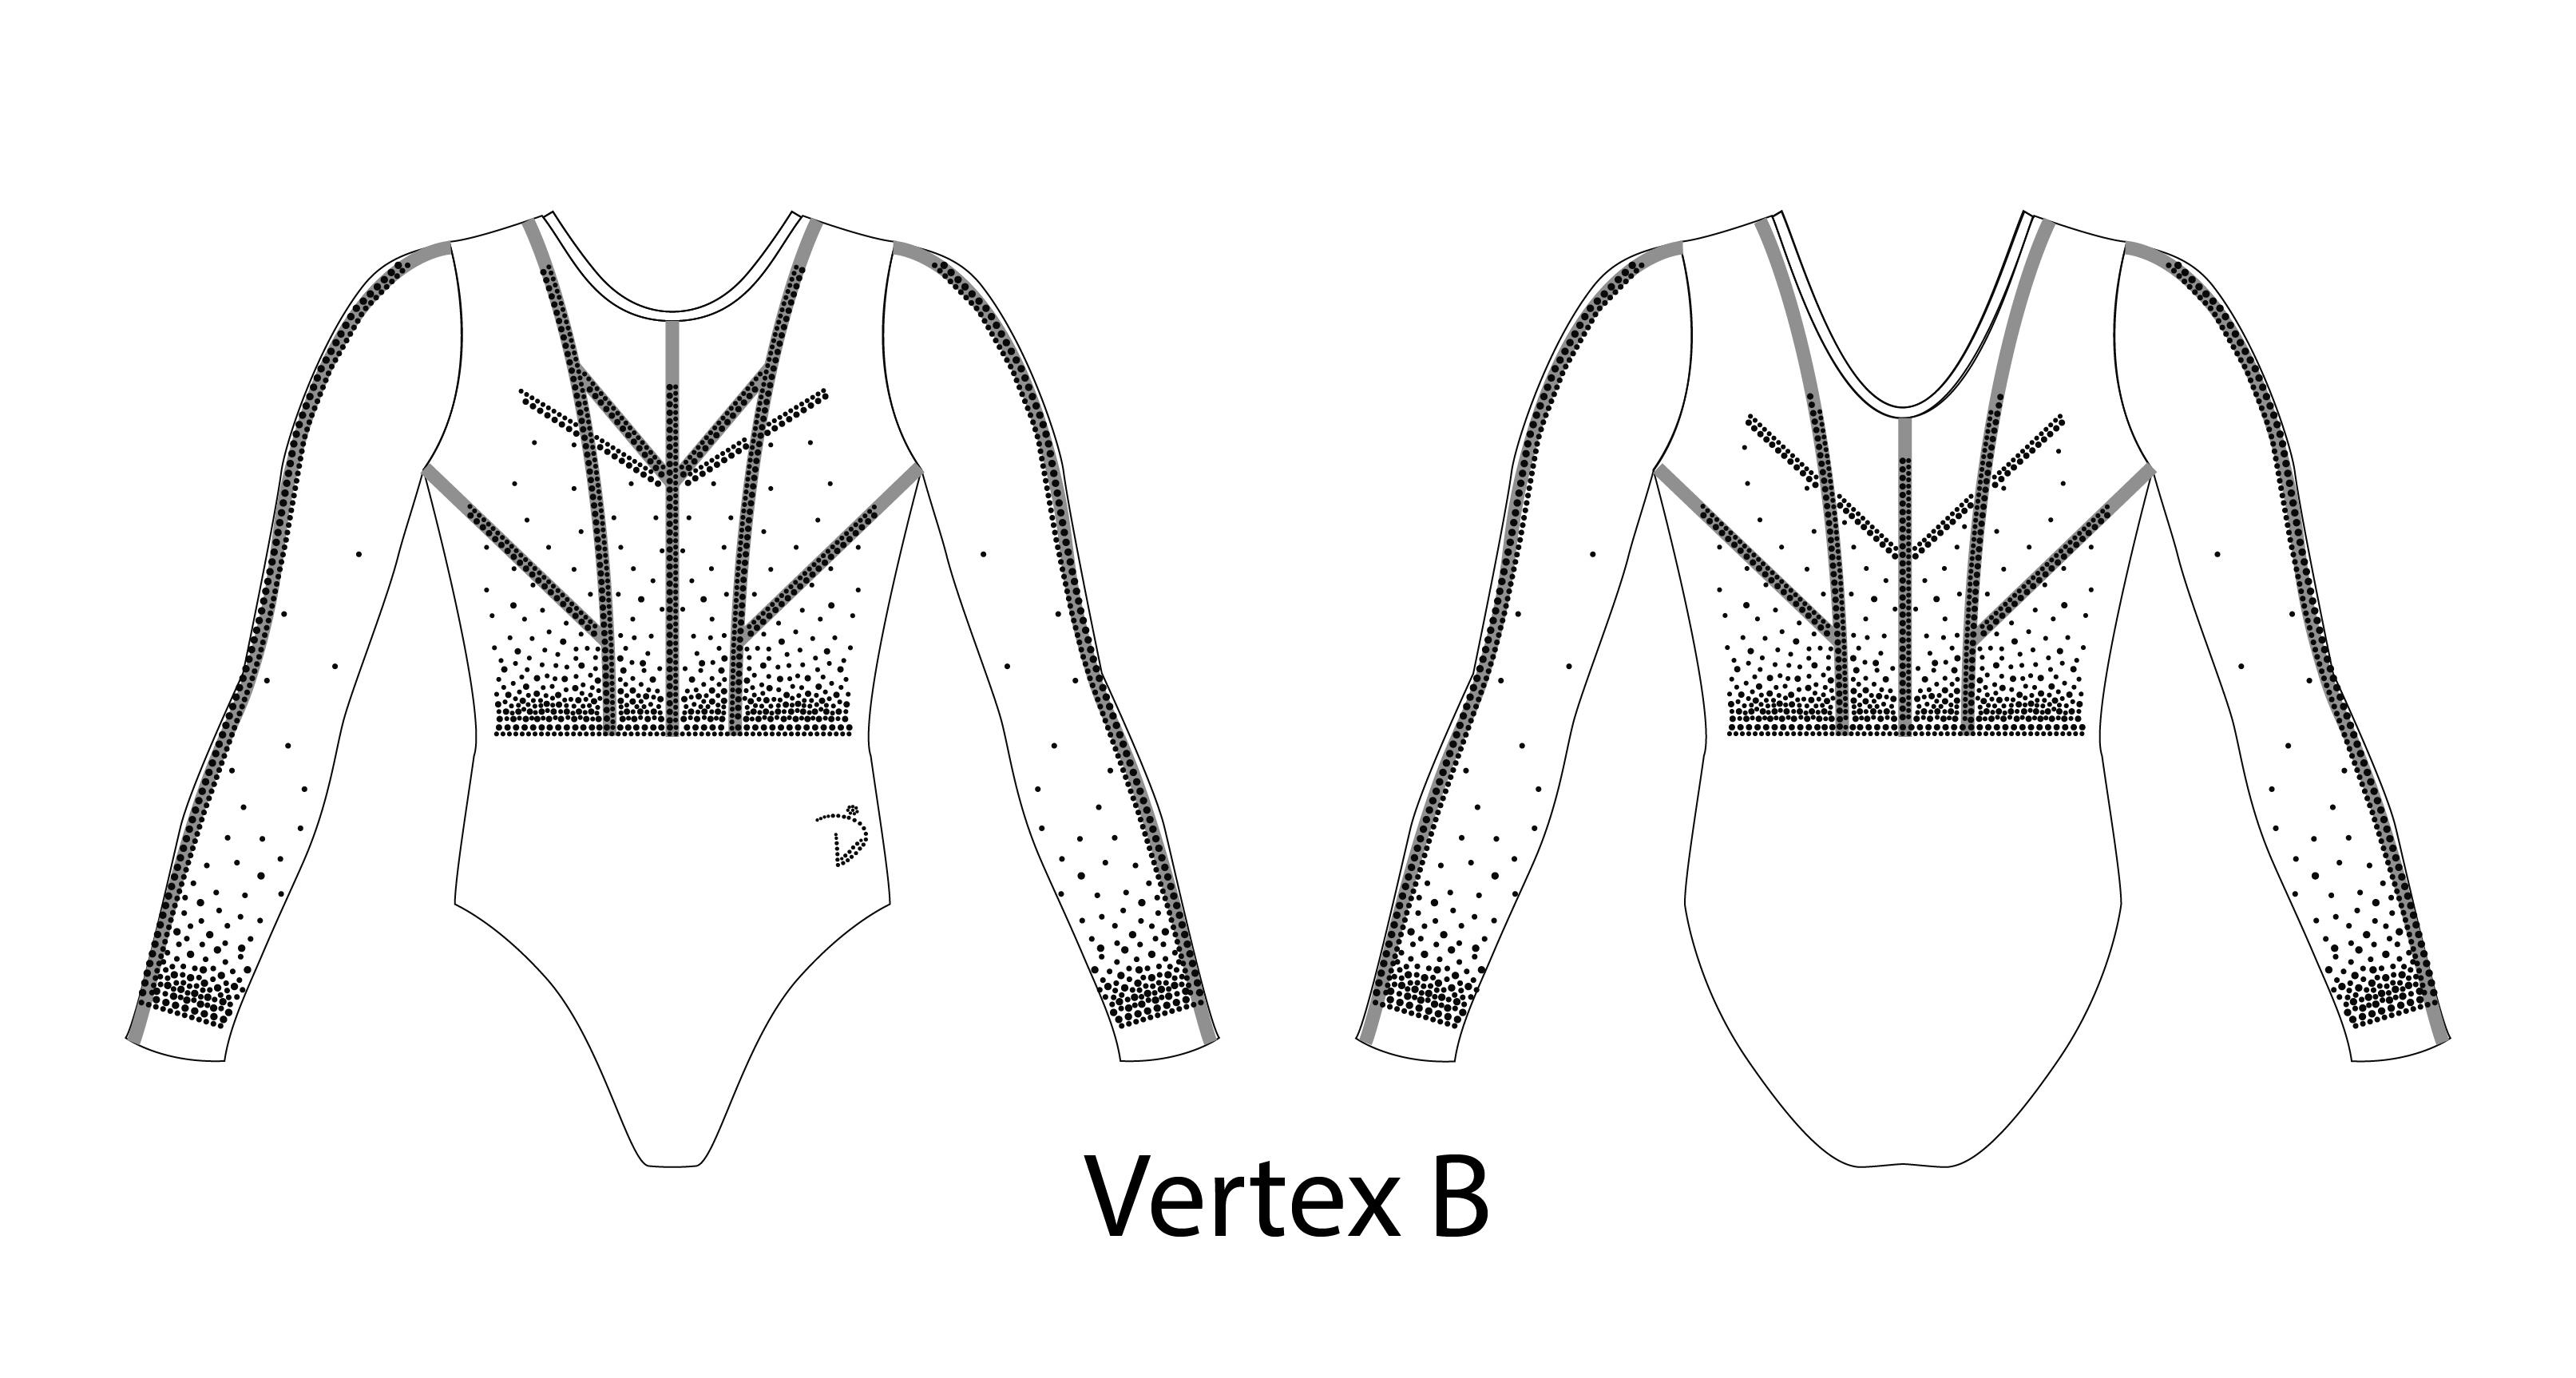 Vertex B